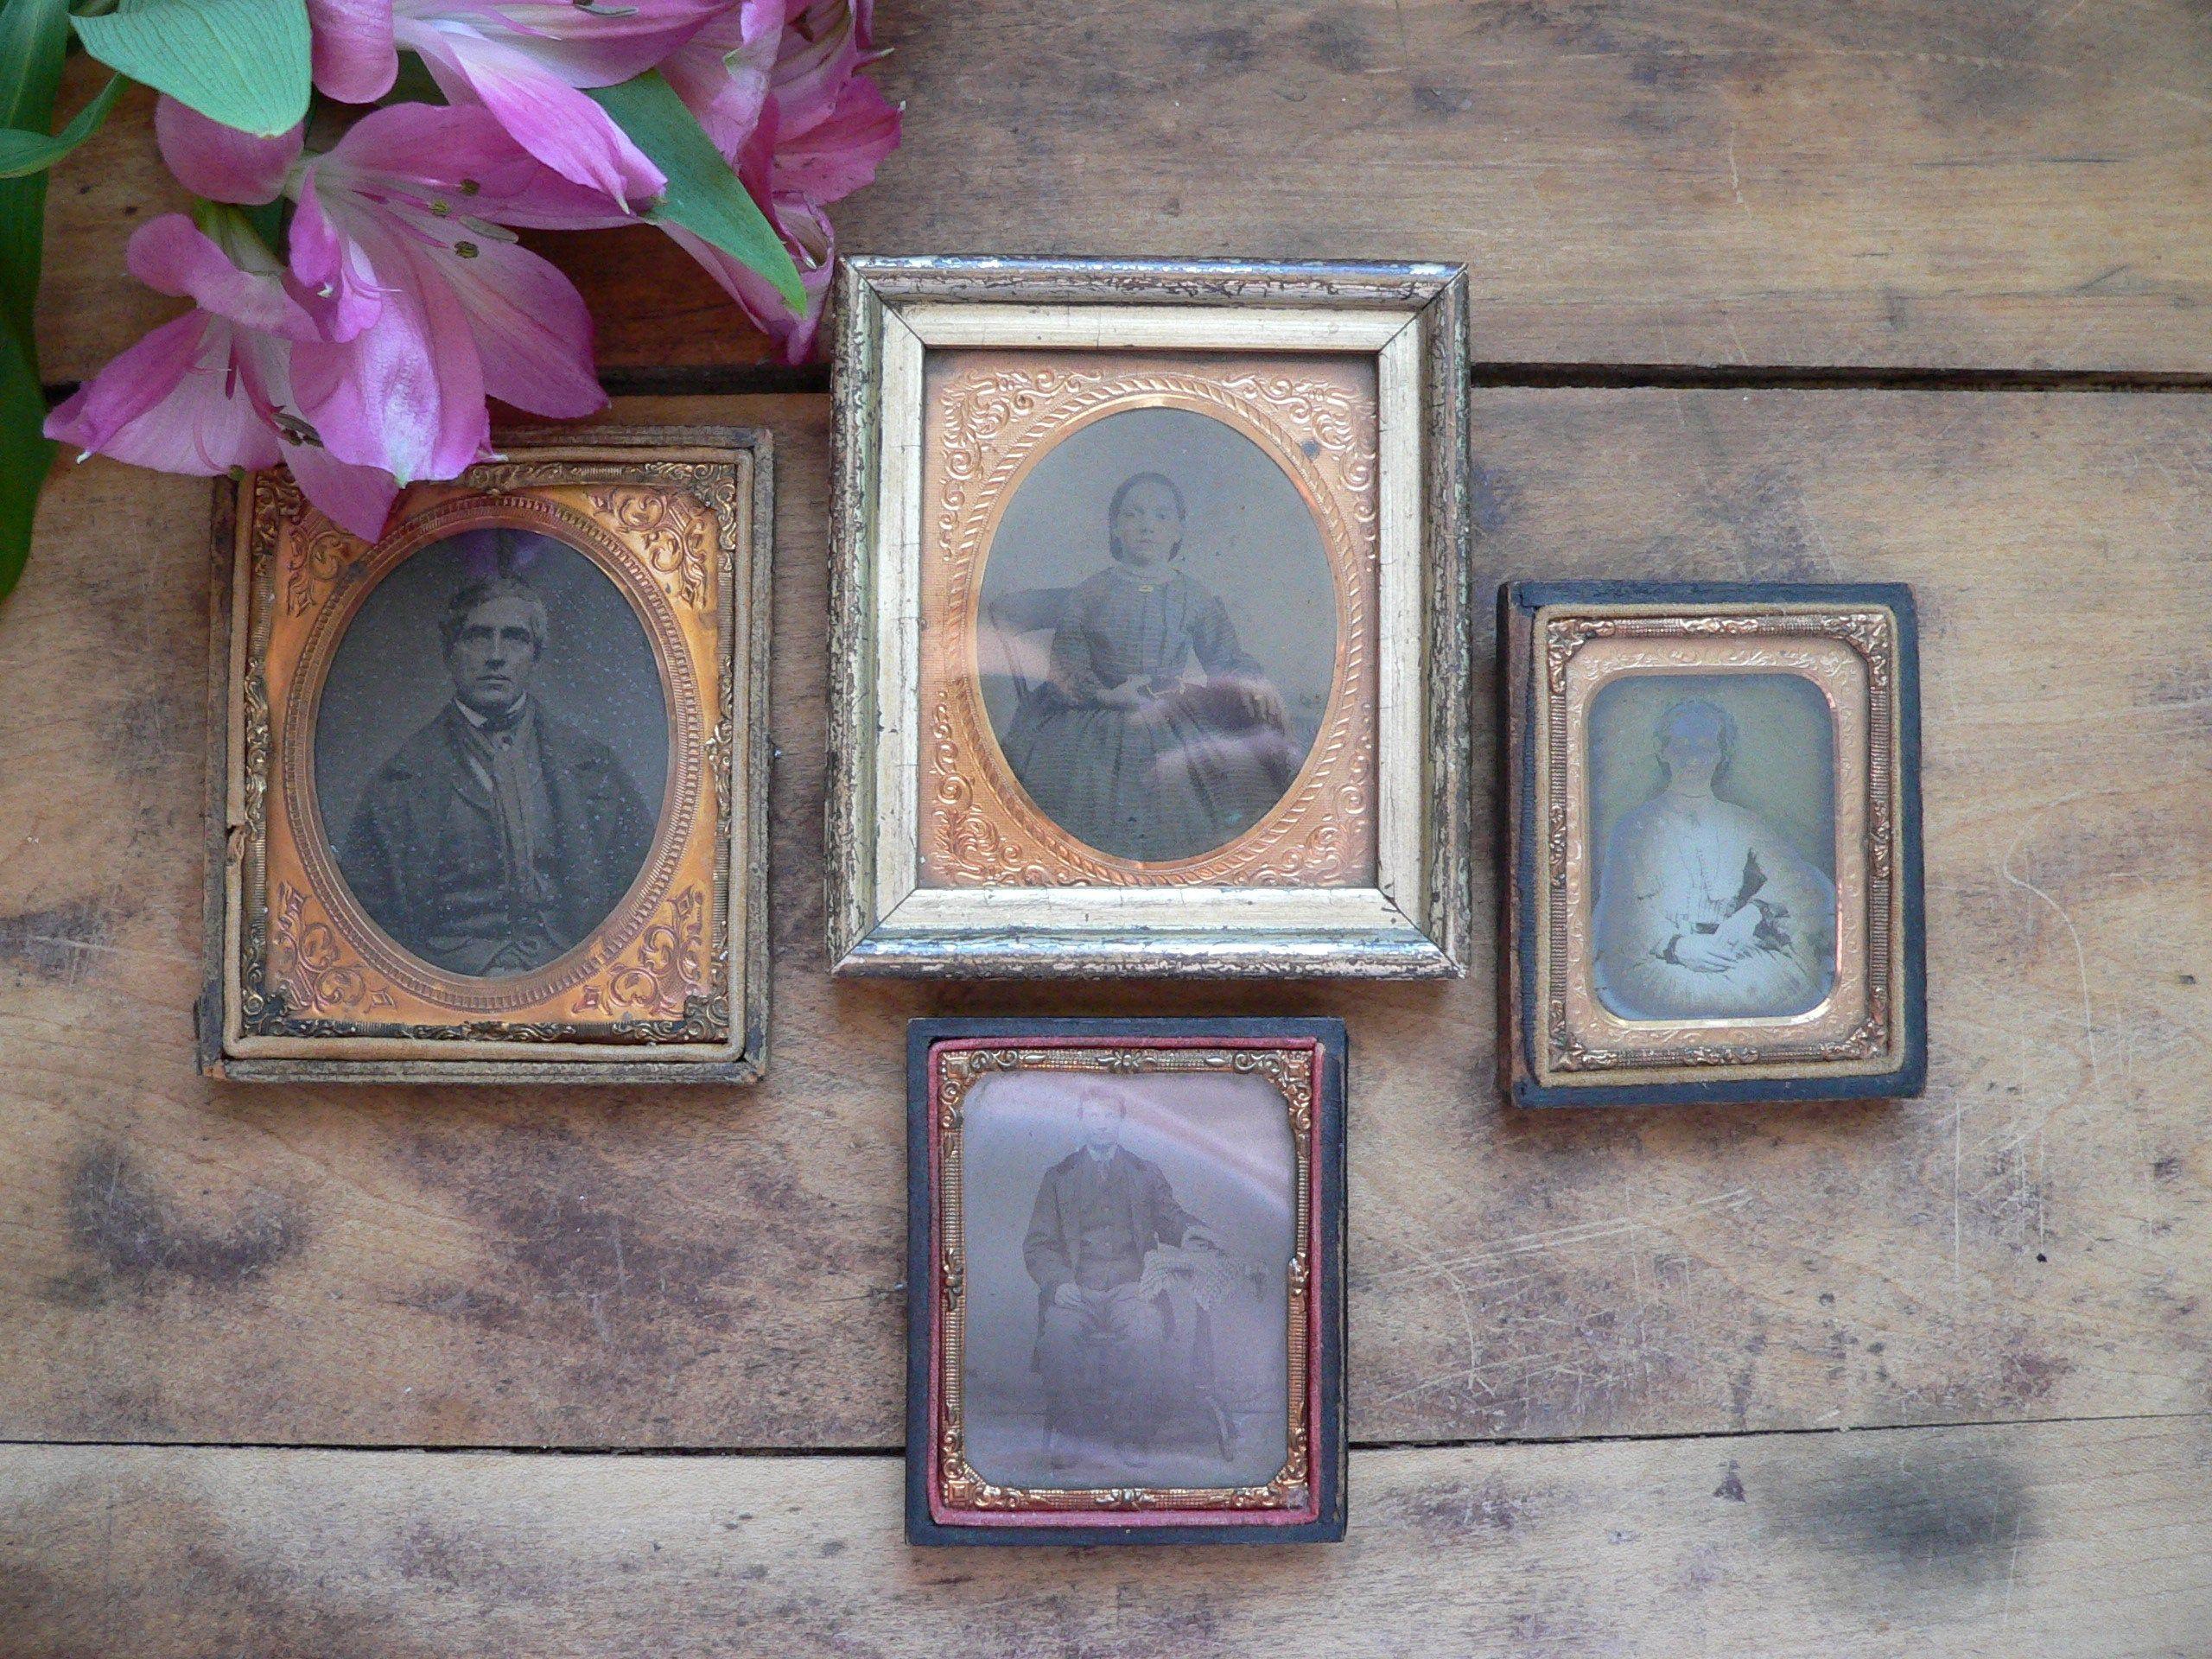 Set Of Four Small Antique Framed Photographs Antique Wall Decor Antique Miniature Framed Portrait Photographs Antique Wall Decor Retro Wall Decor Antique Frames